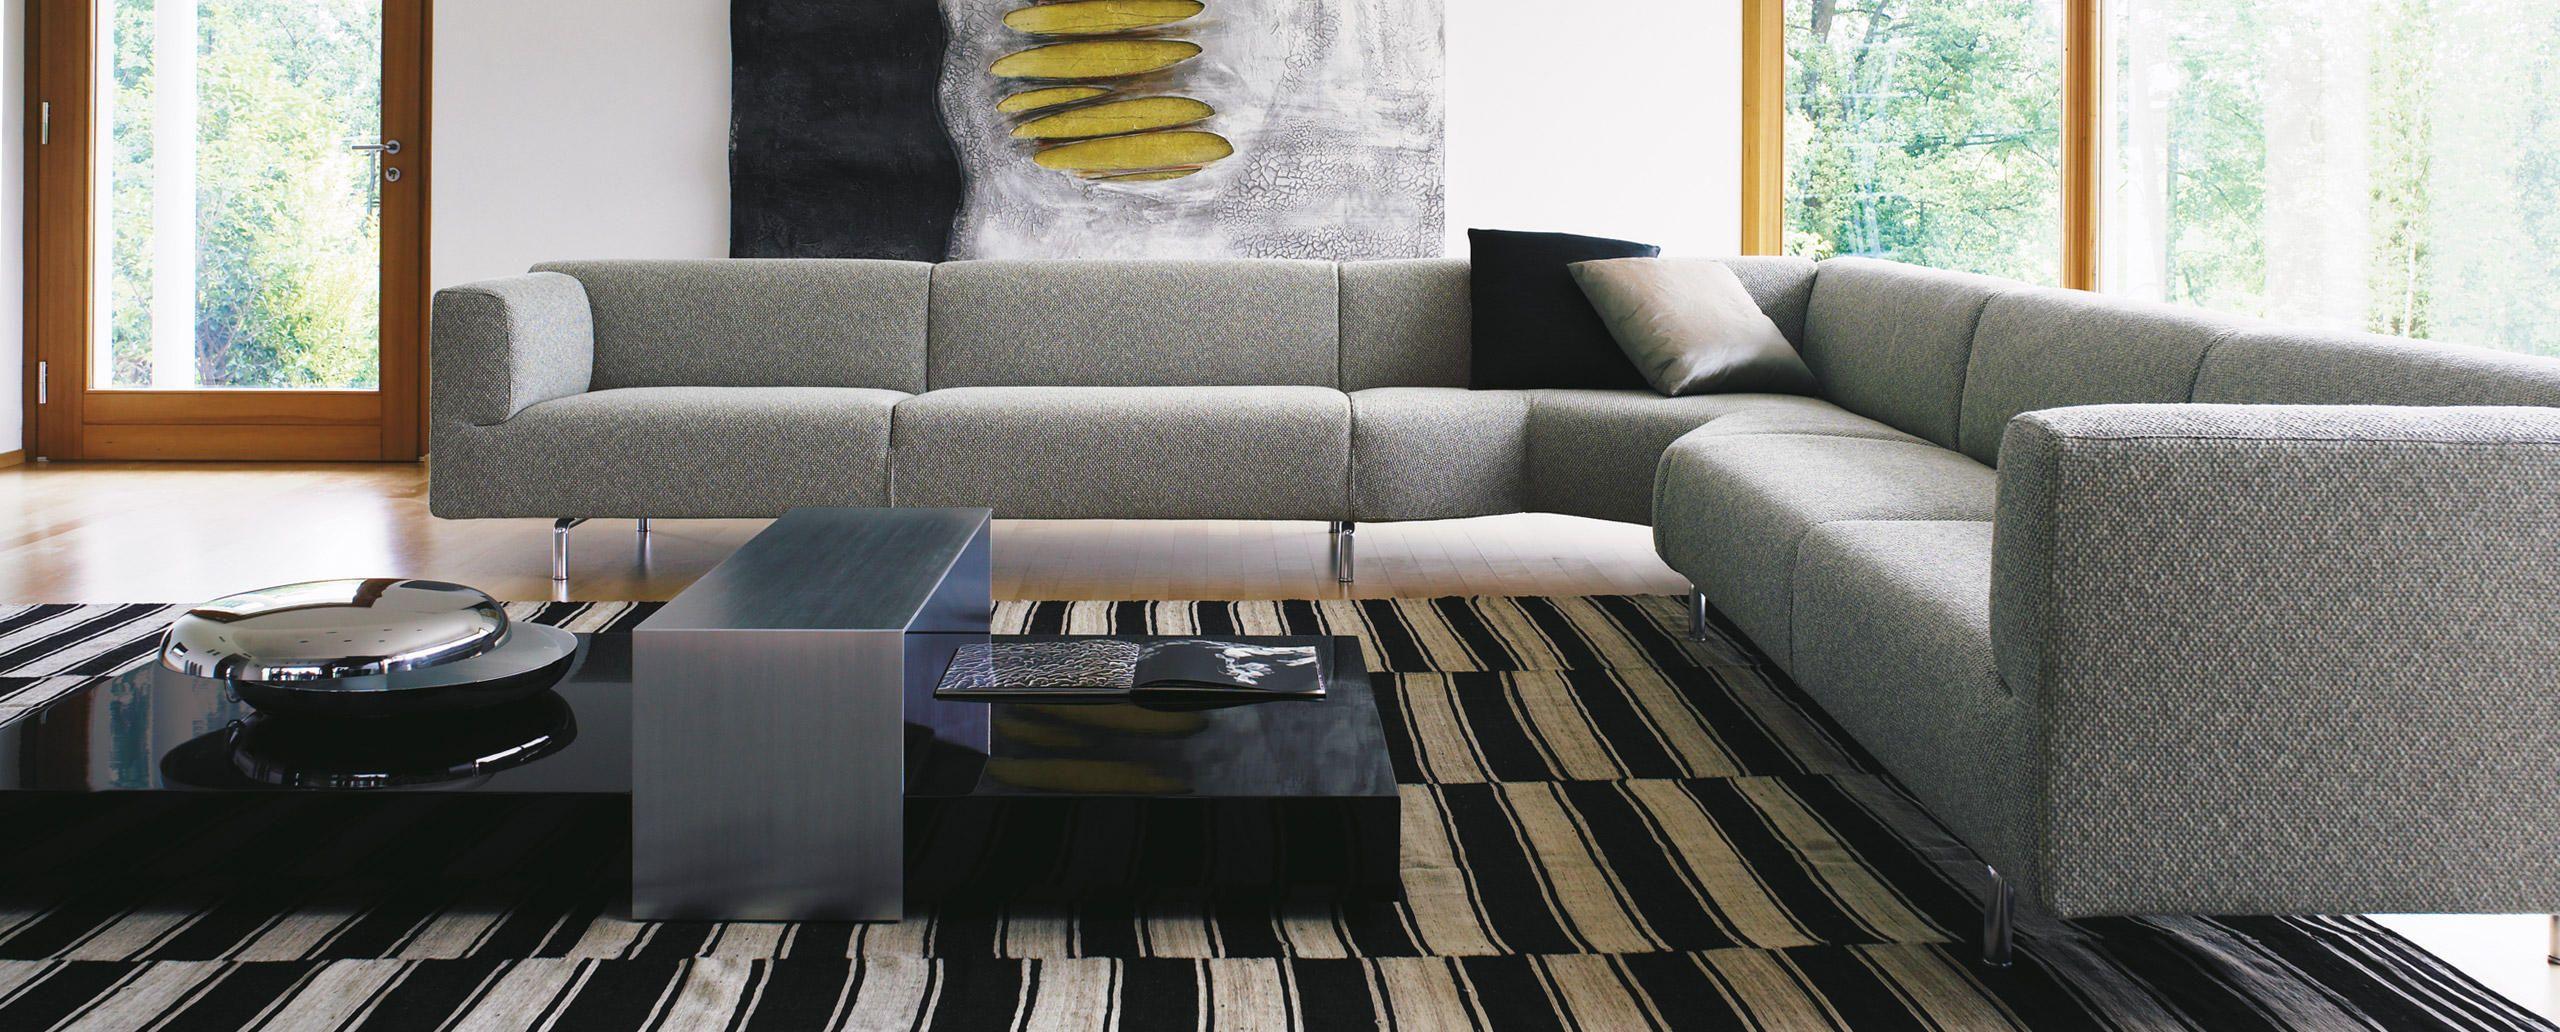 Design Slaapbank Gijs Van Der Sluis 540.Met Cassina Meubel Ideeen